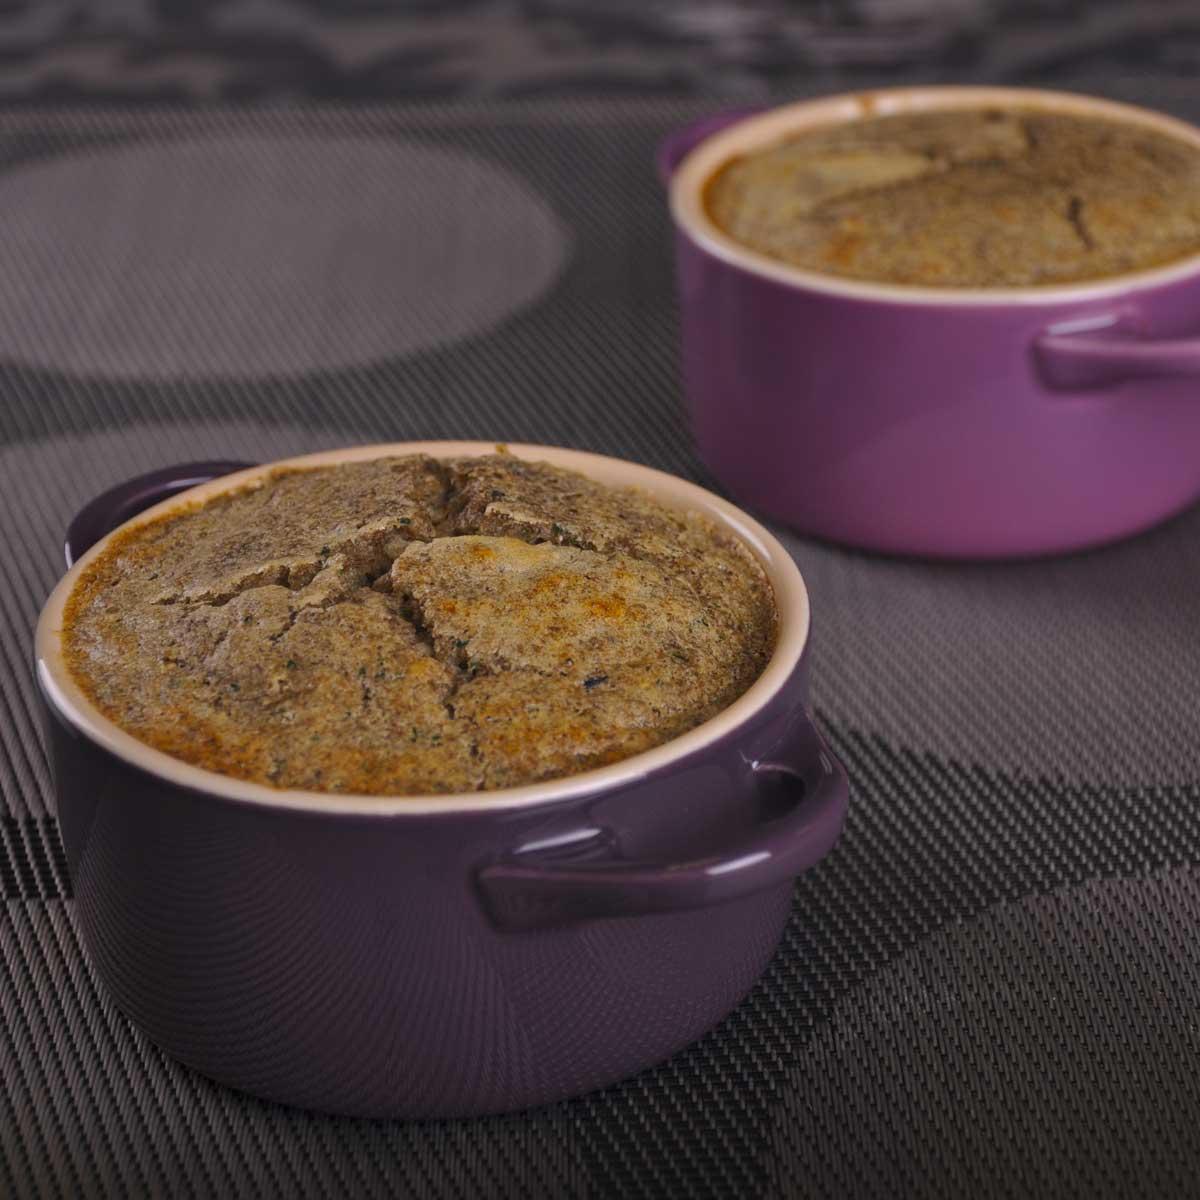 ... champignons - une recette Végétarien - Cuisine | Le Figaro Madame